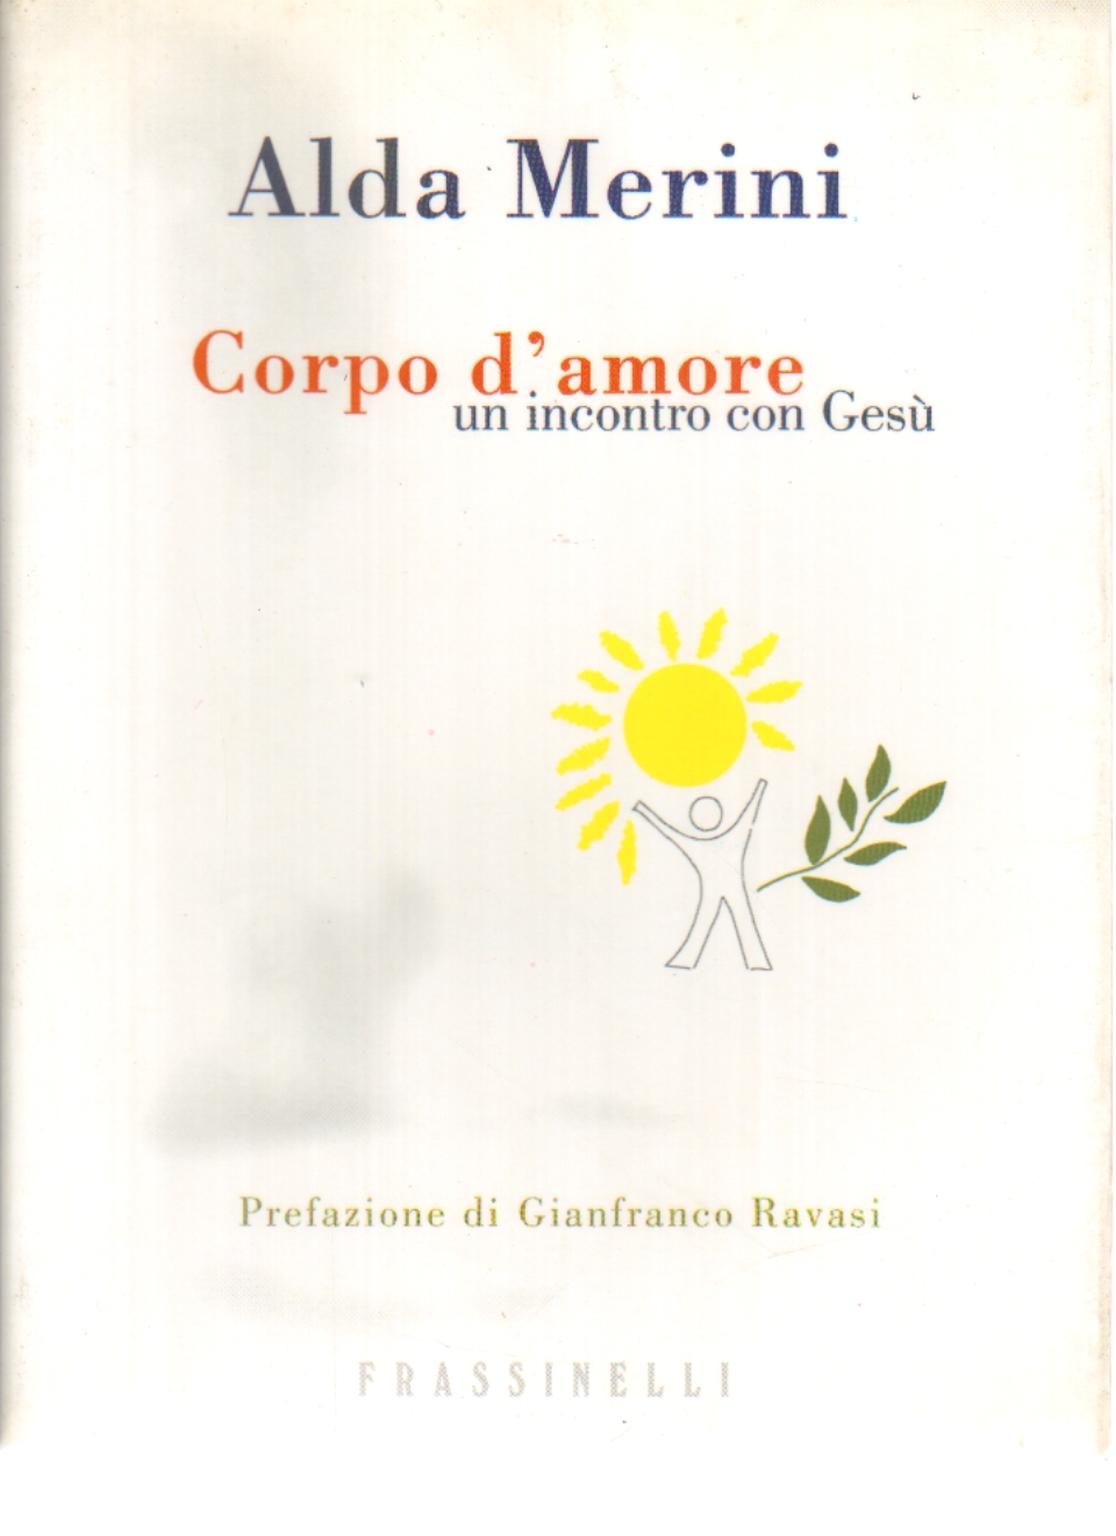 тело любви Alda Merini Poesia Italiana стихотворение